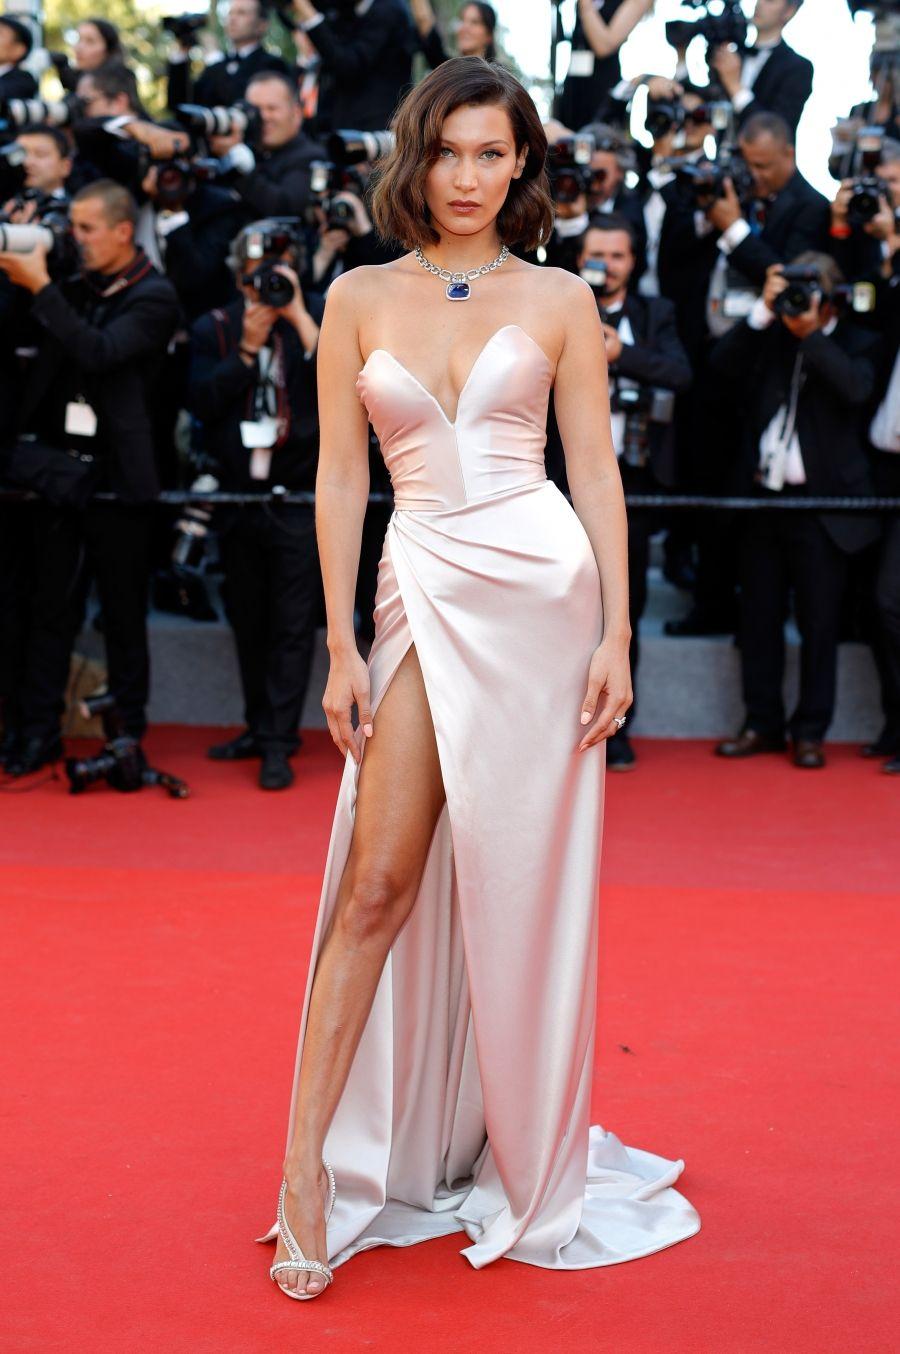 Vestido rosa claro de Bella Hadid de Alexandre Vauthier em Cannes, com  colar de joia e penteado solto, com maquiagem em tons rosé b4e4dc2092